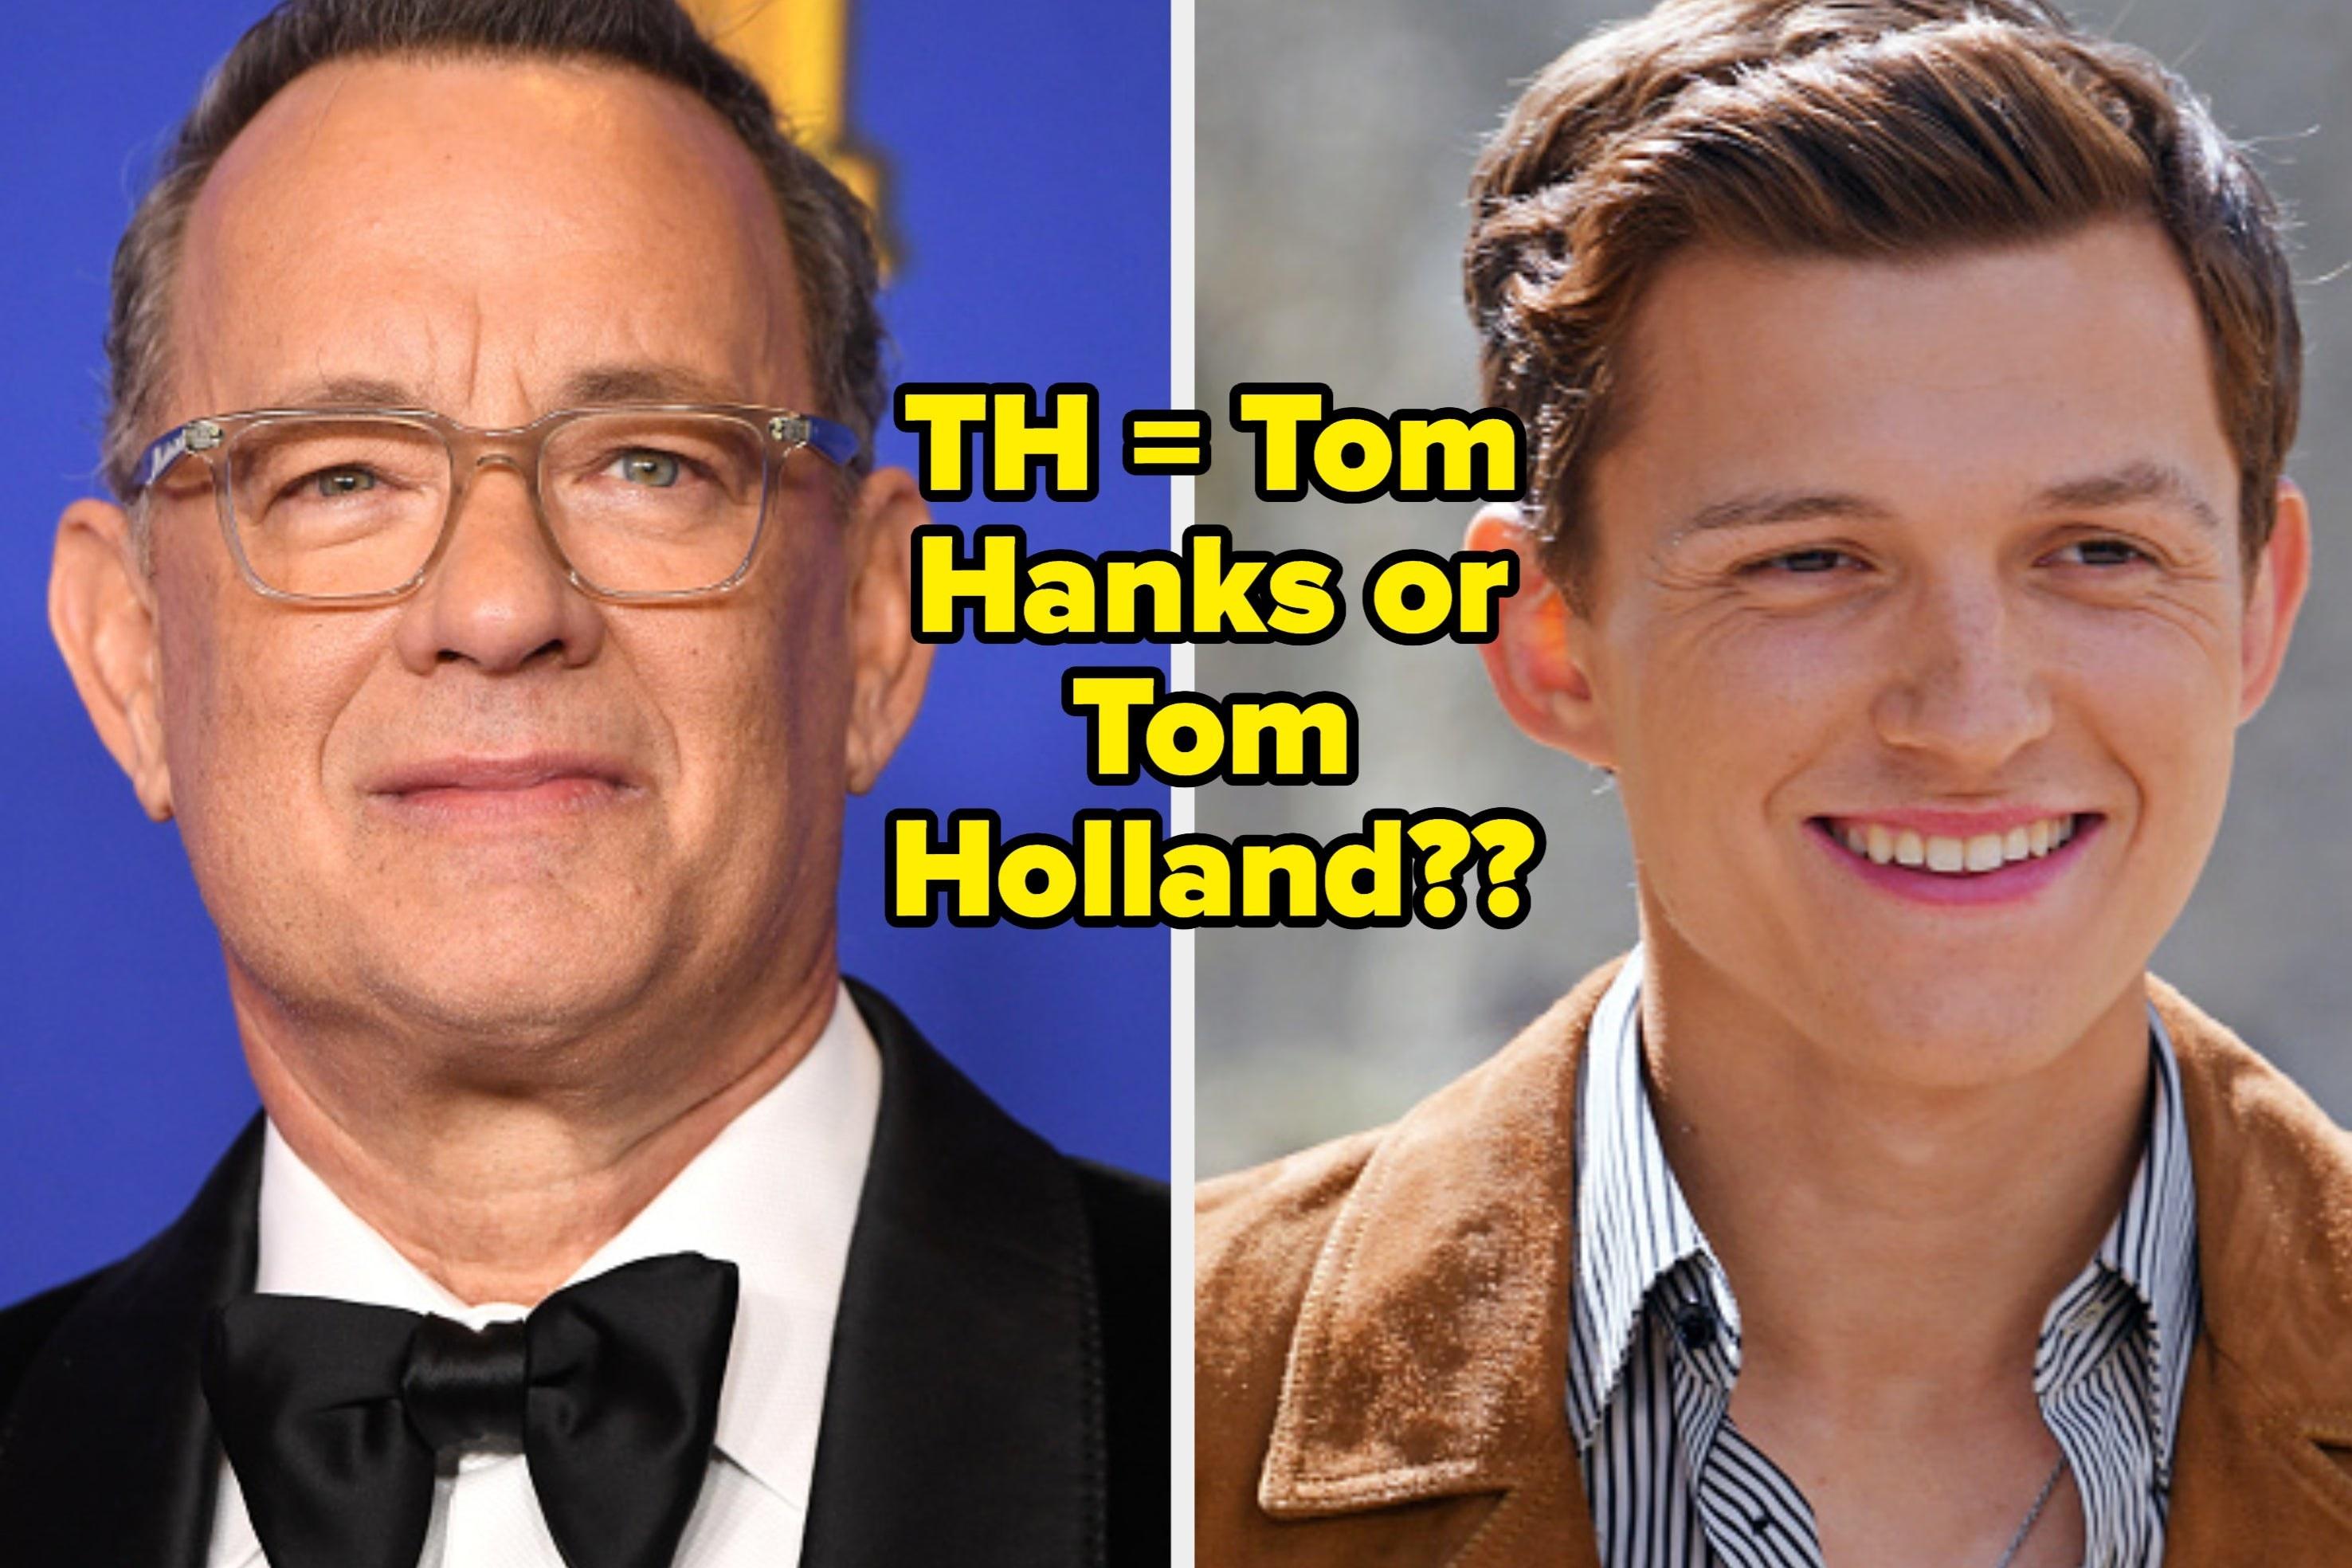 Tom Hanks or Tom Holland?